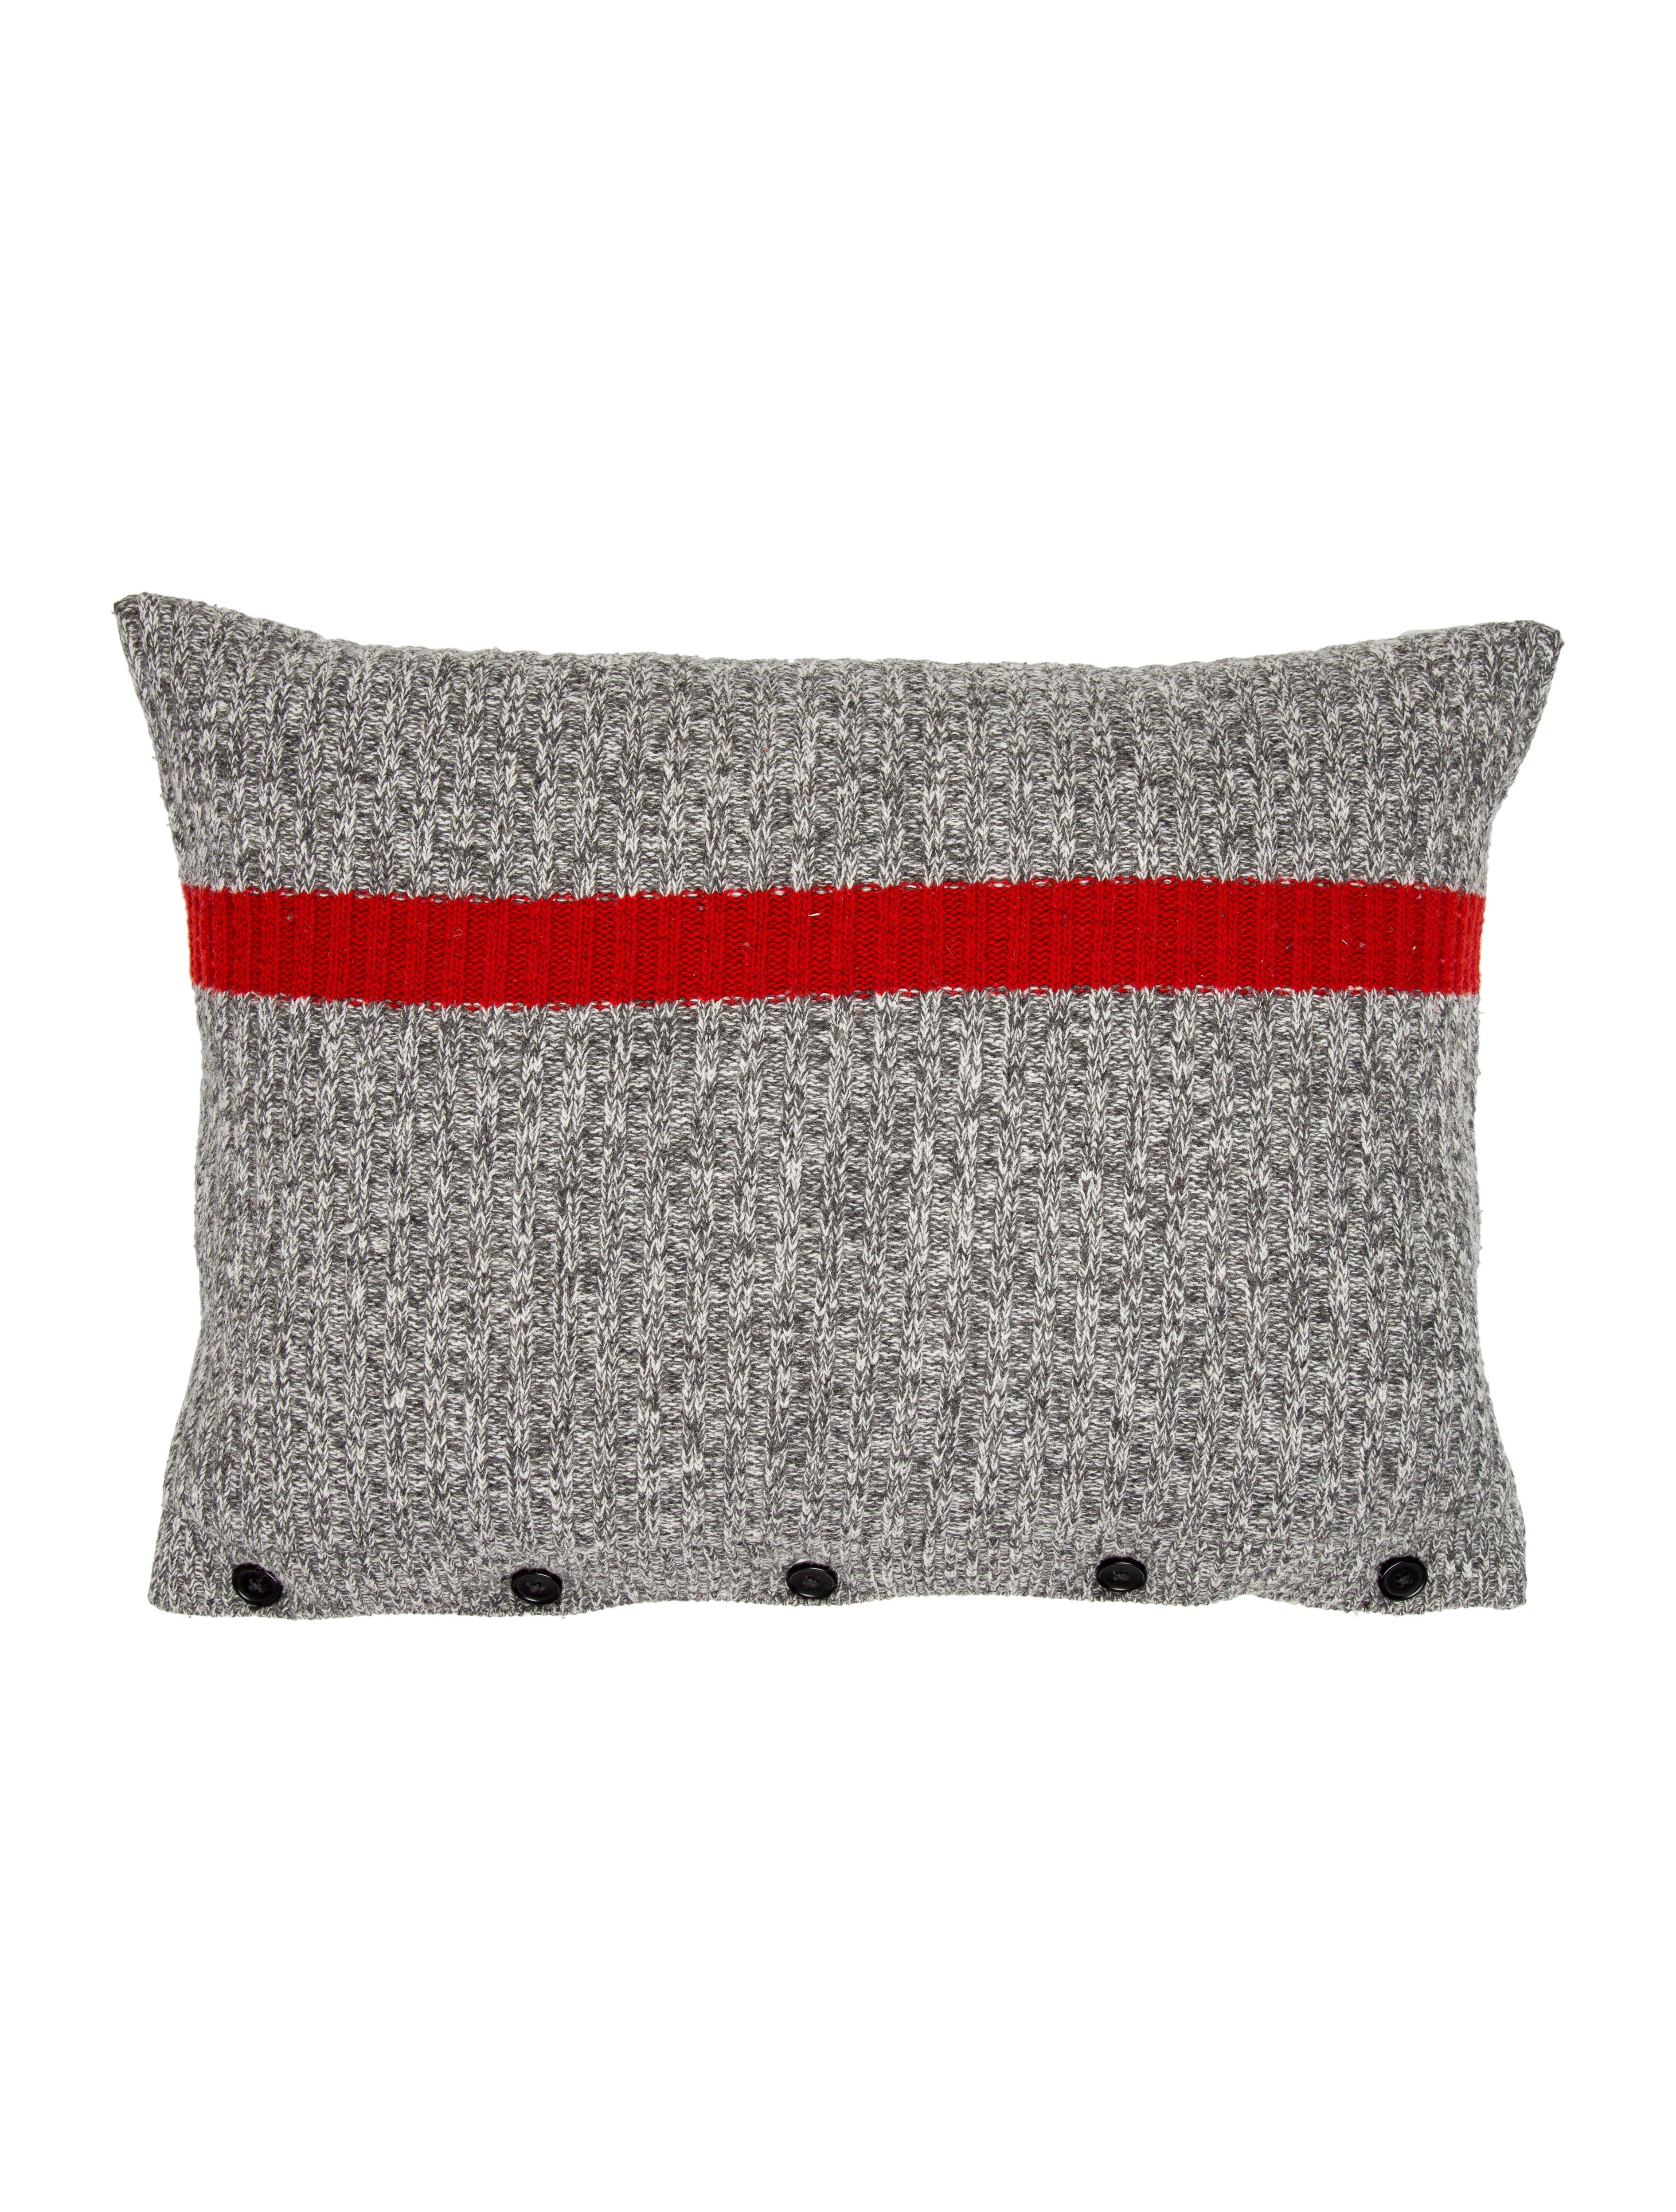 Grey Wool Throw Pillow : Ralph Lauren Lambswool Throw Pillow - Pillows And Throws - WYG21885 The RealReal